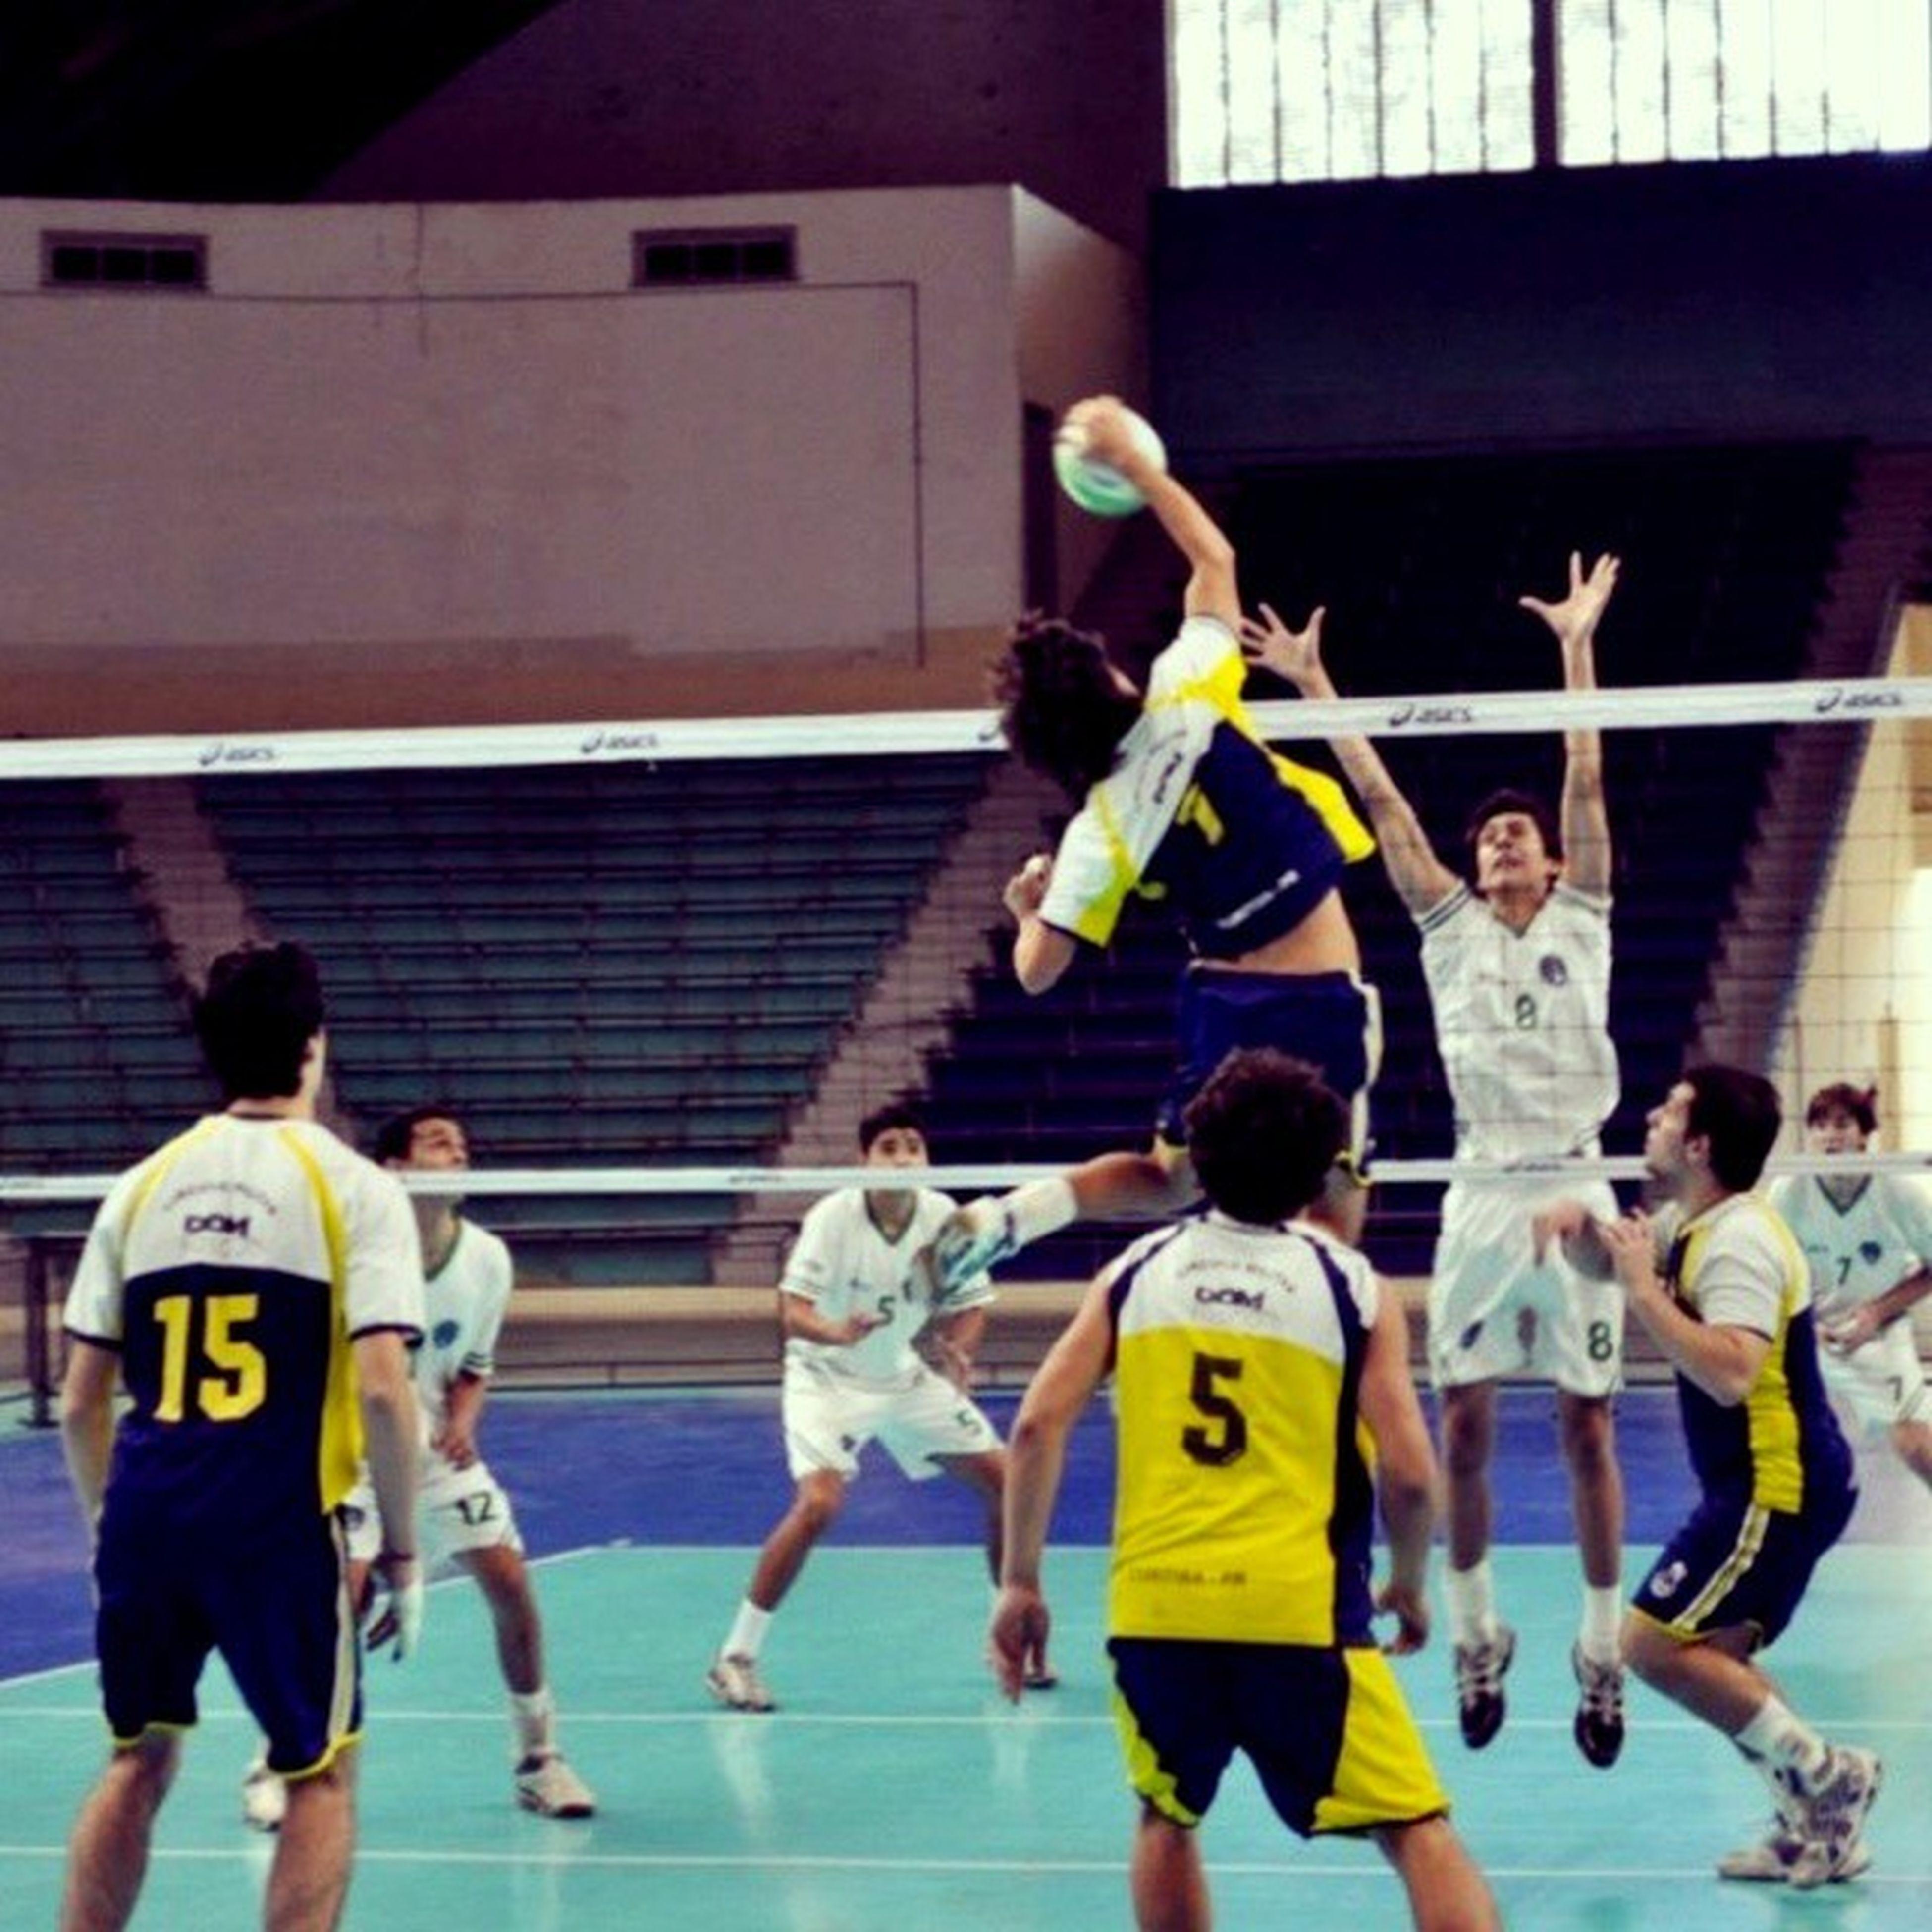 Sequência da foto anterior... Voleibol Cbv Fivb Colegio Faculdade DomBosco BonsCompanheiros Curitiba Paraná Sul Brasil